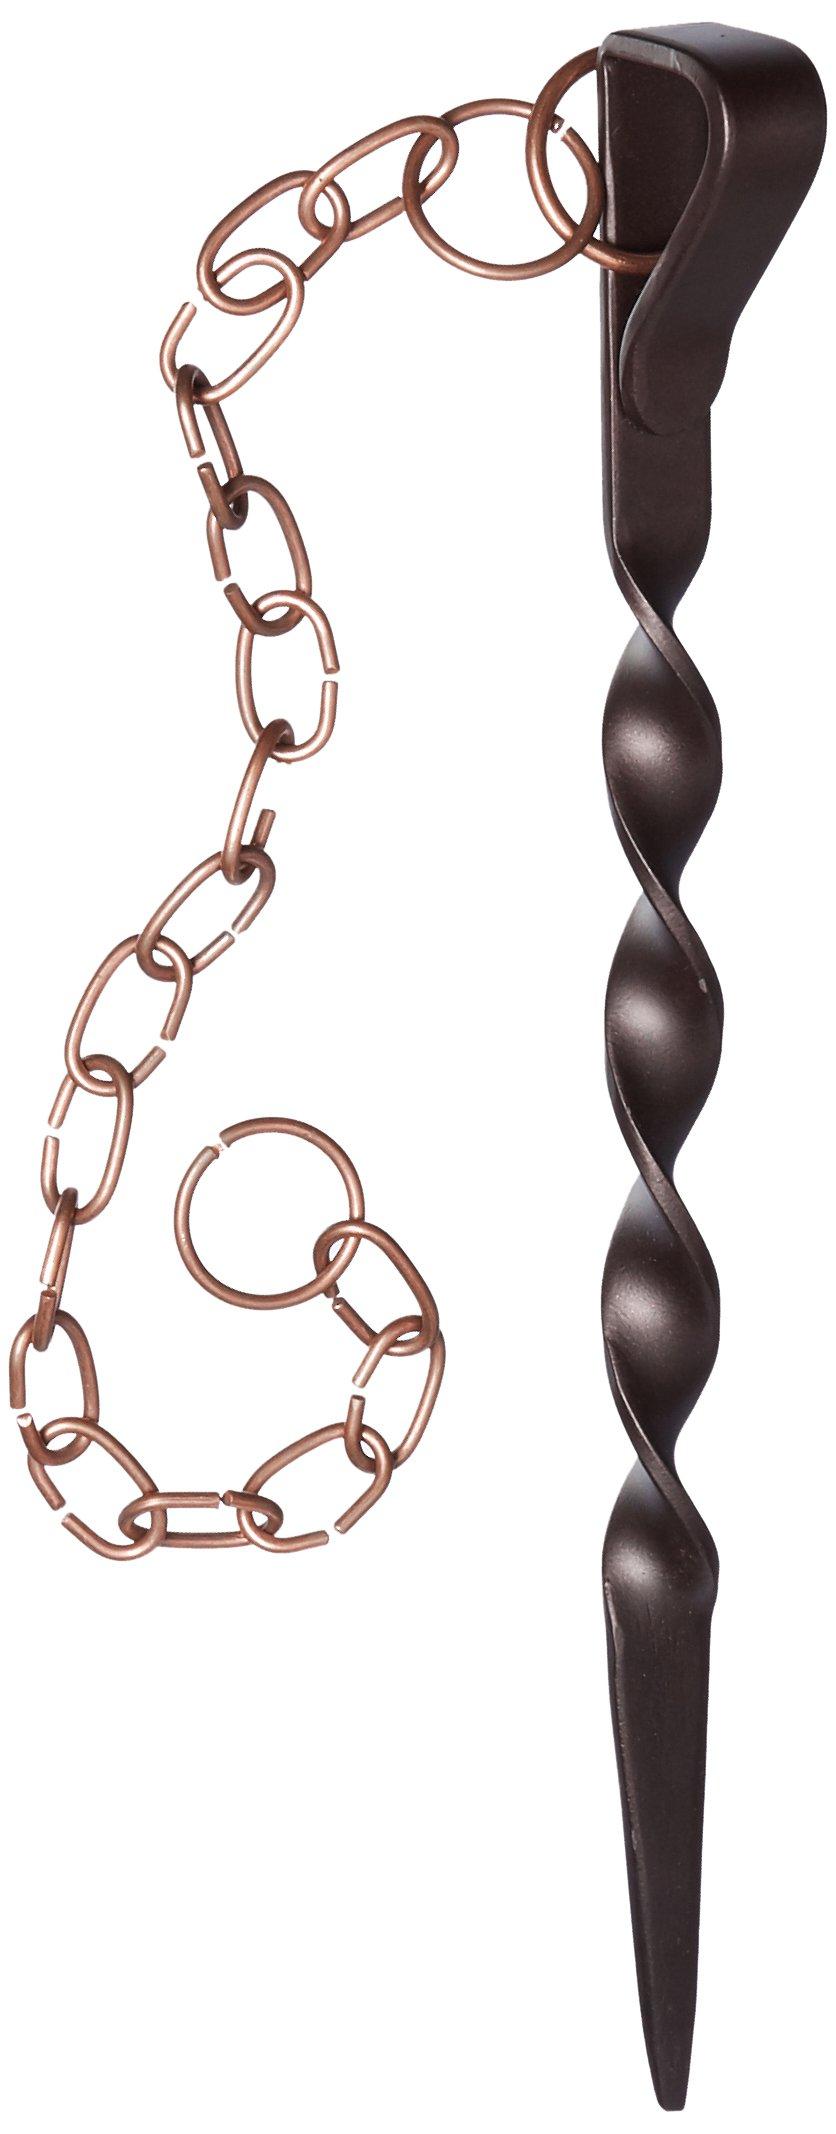 Monarch Rain Chains Powder Coated Iron Rain Chain Anchoring Stake, Brown/Copper